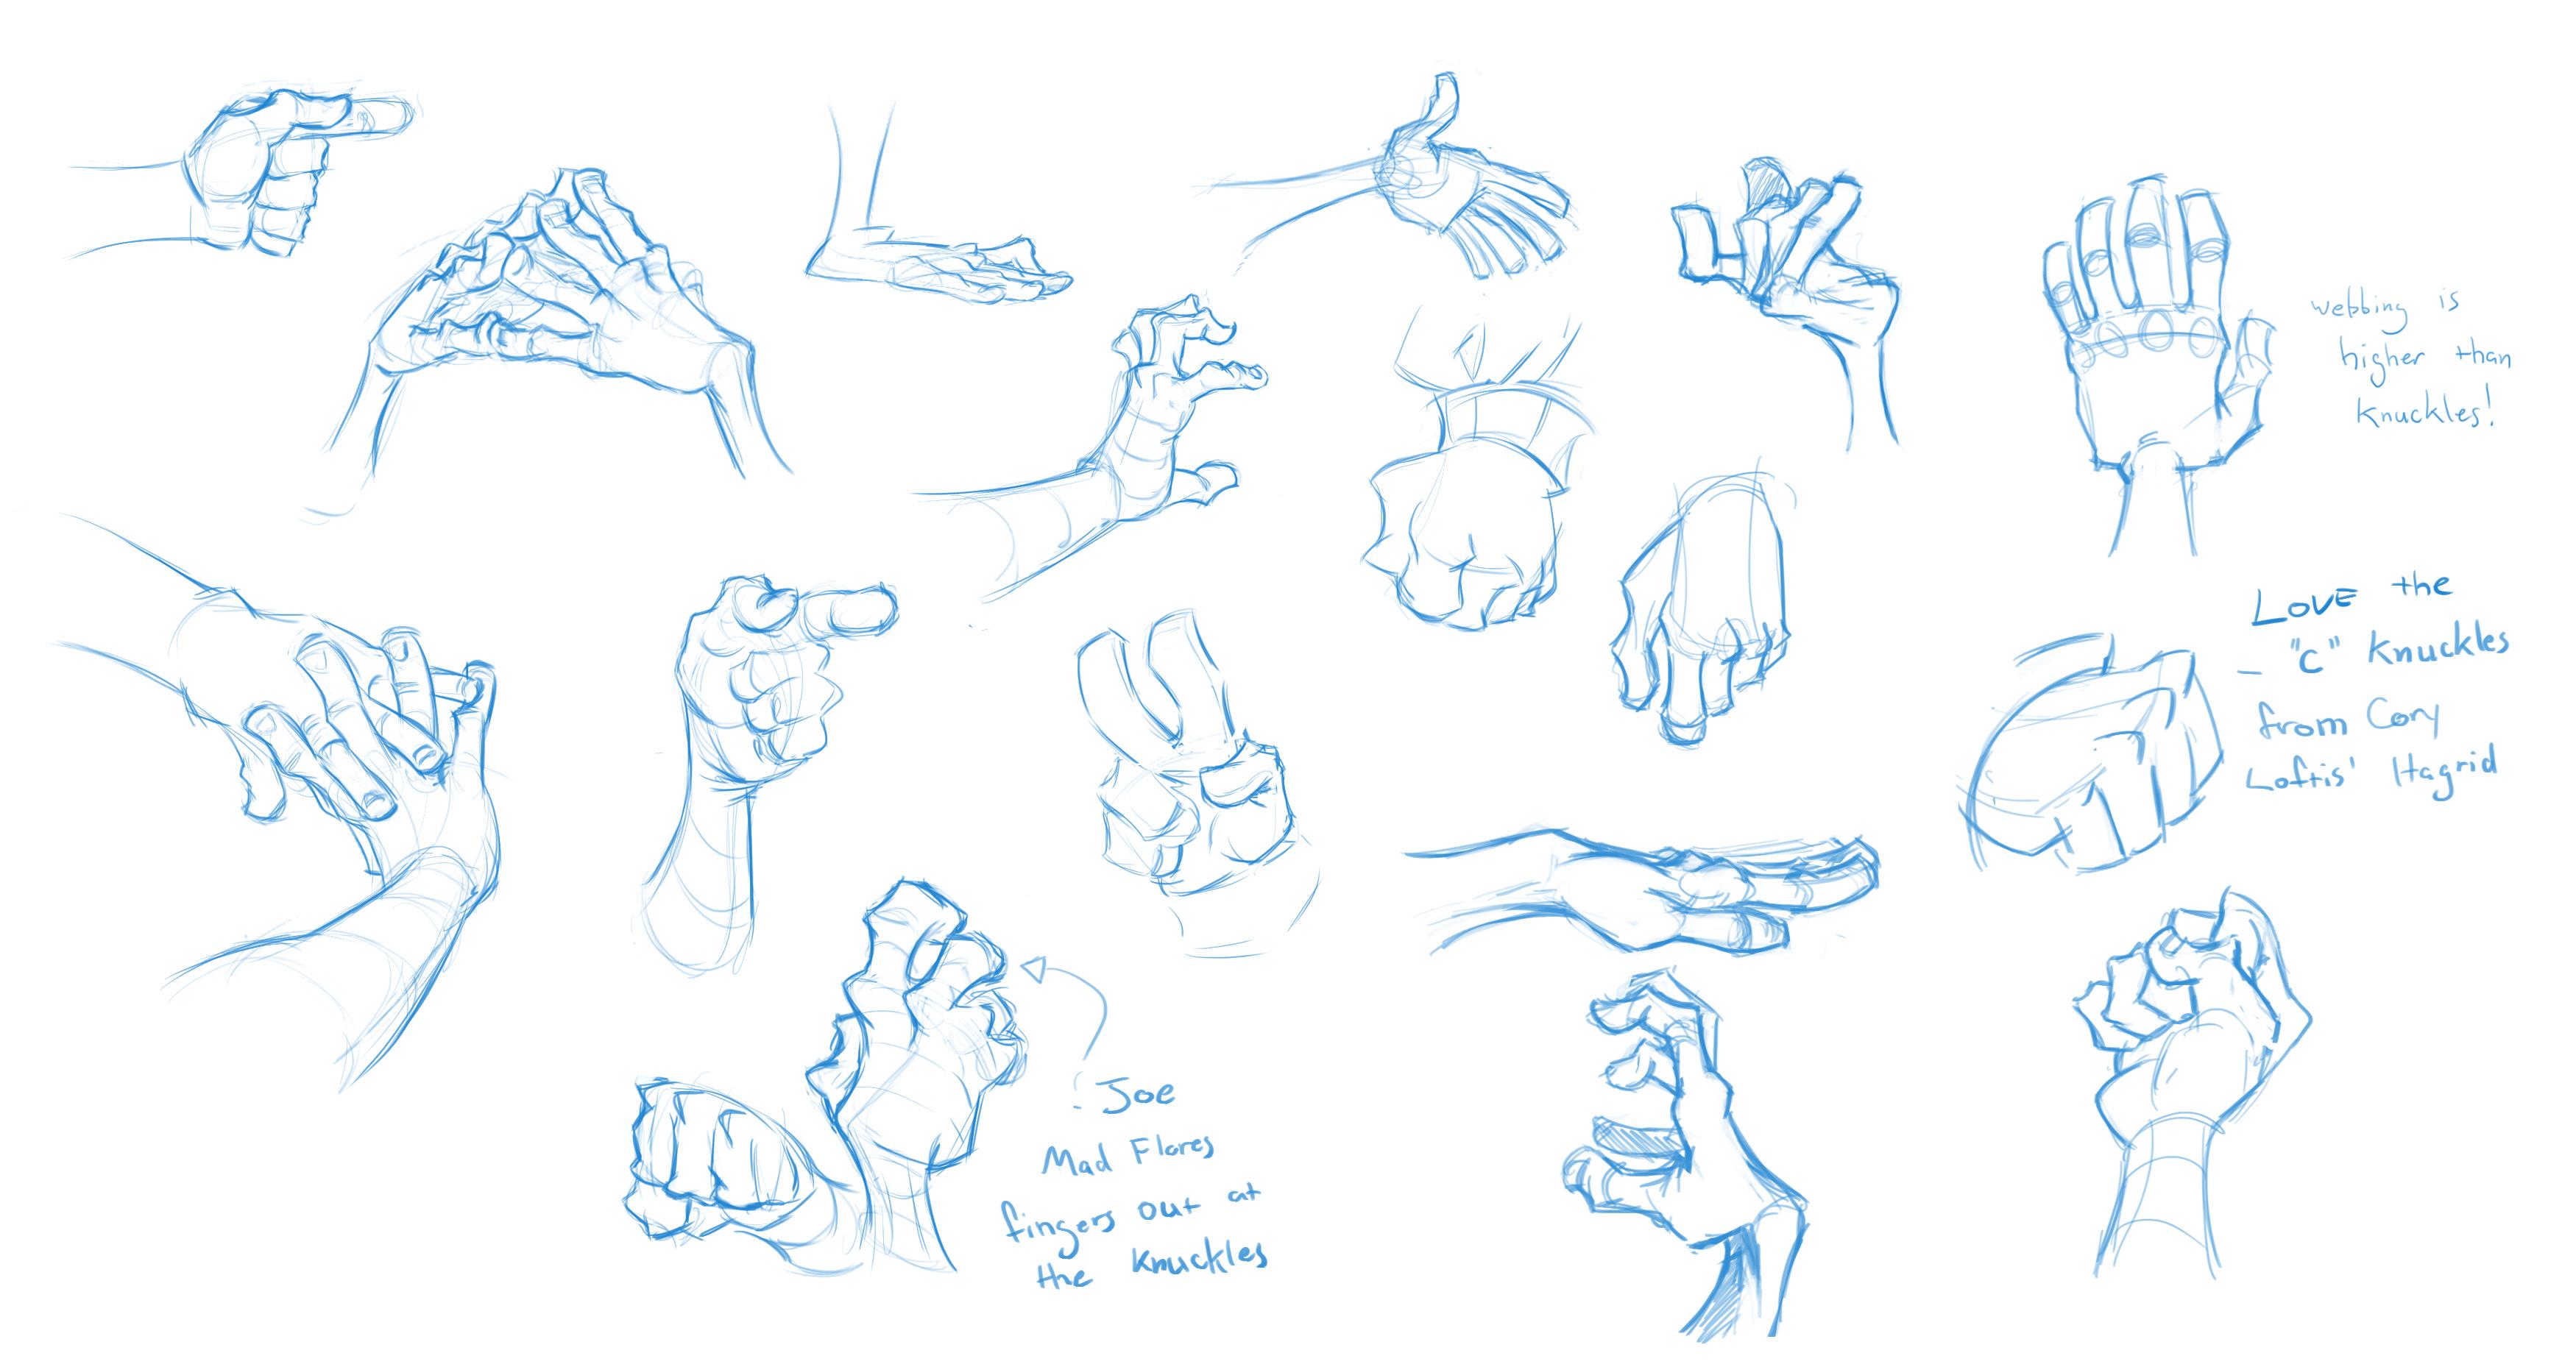 Drawin some hands by DanielAraya